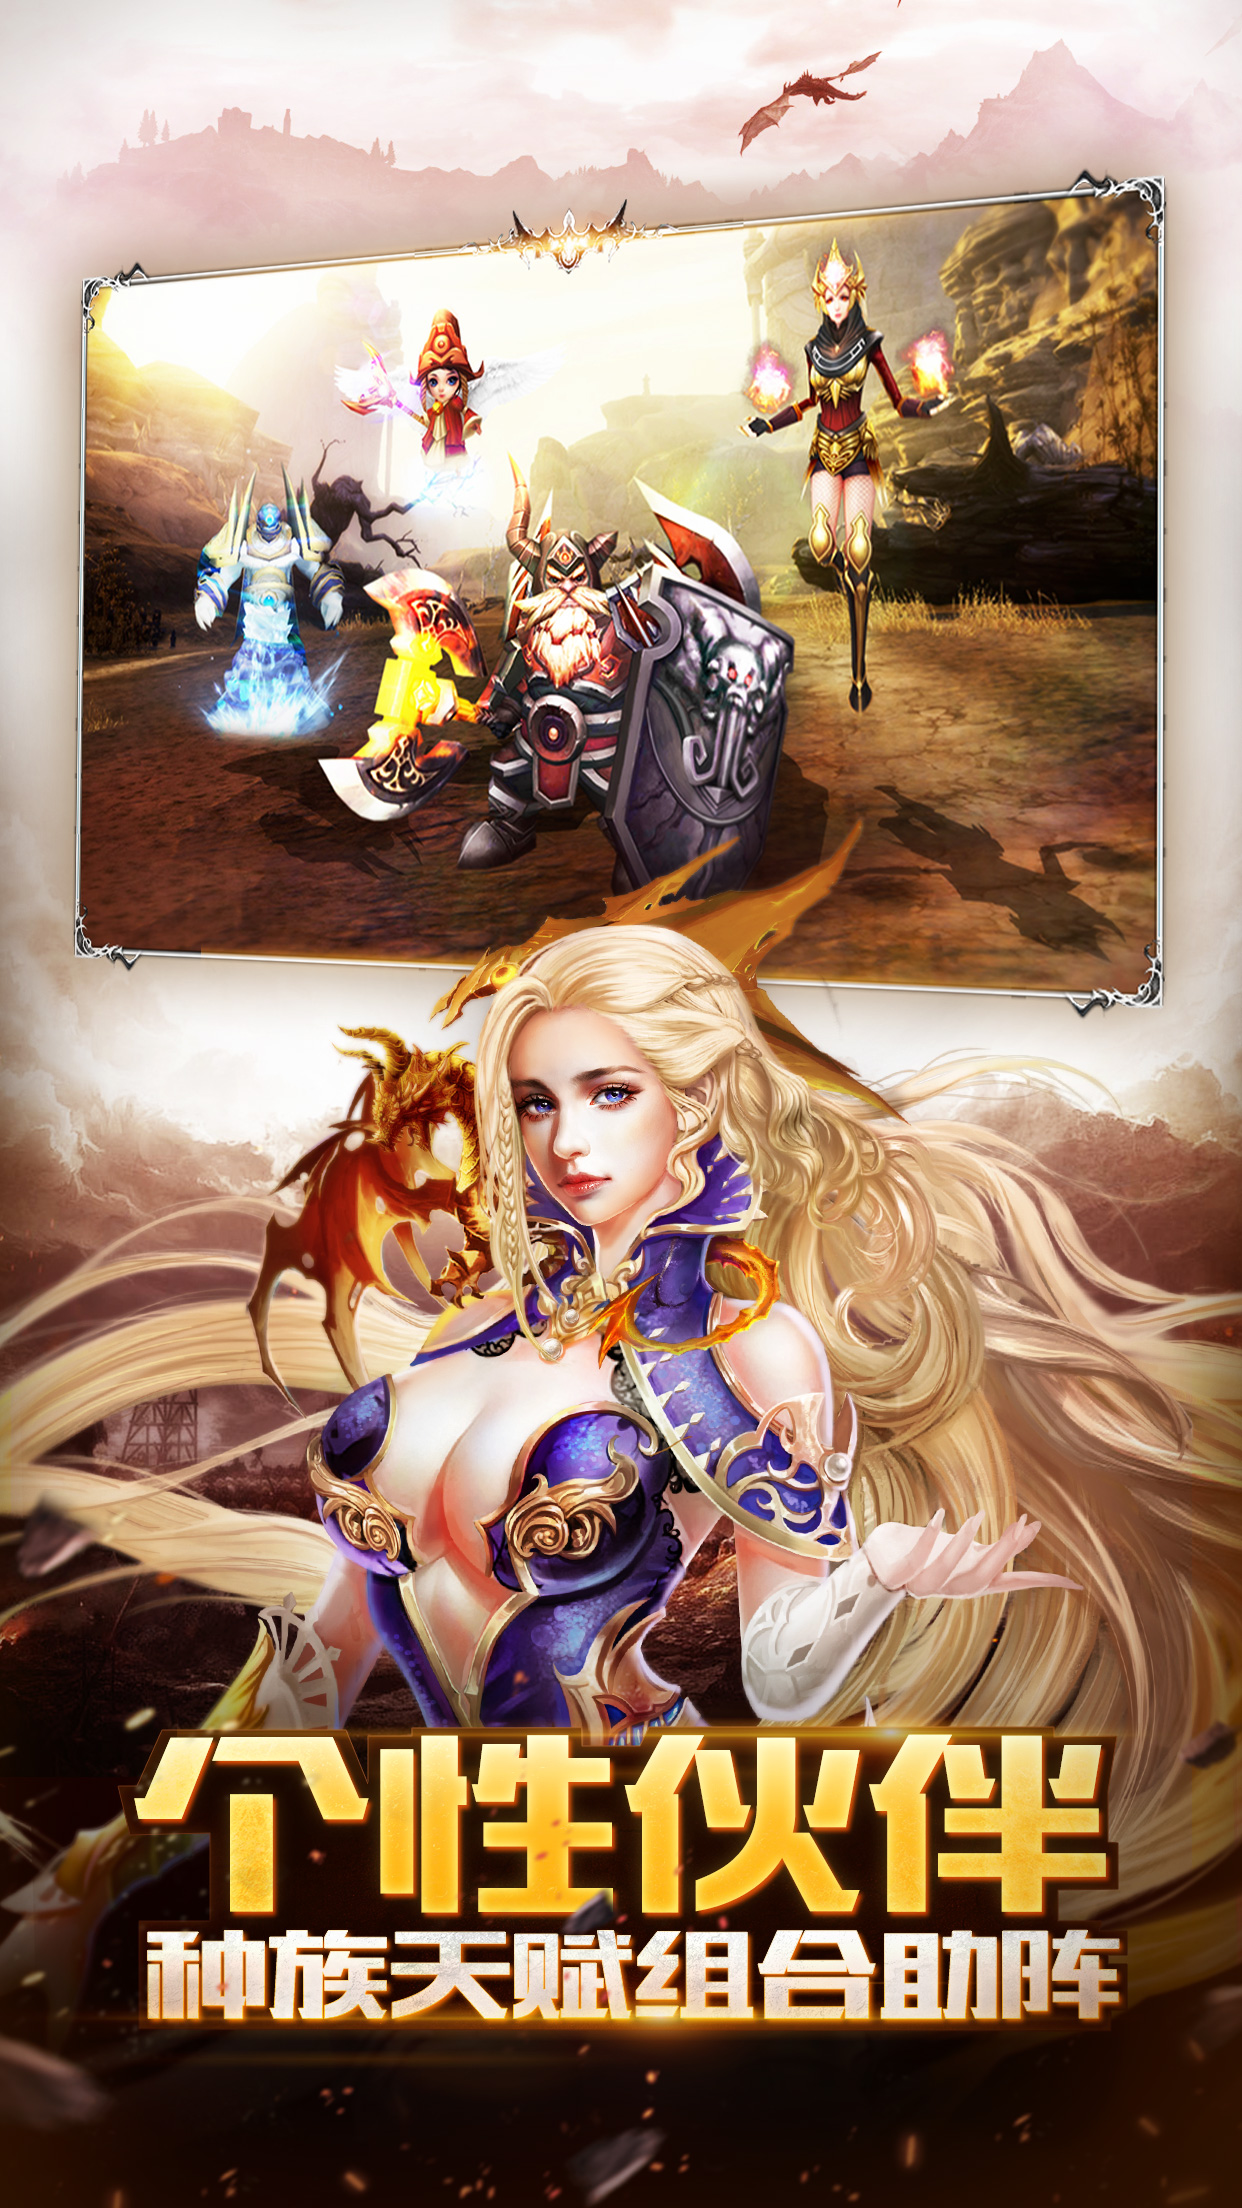 中华英雄 游戏截图